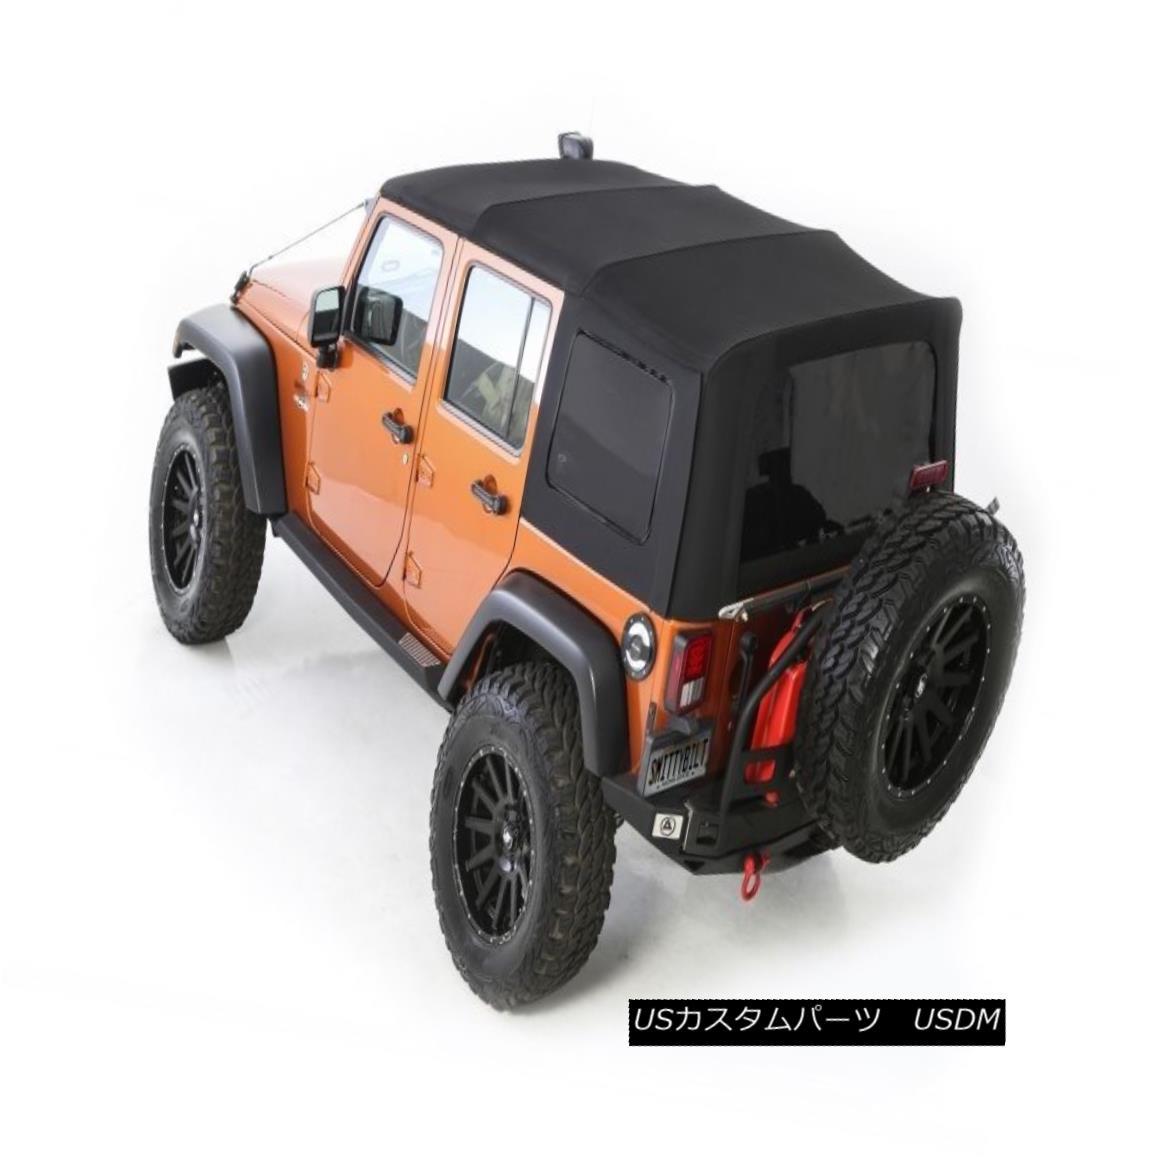 幌・ソフトトップ 2010-2017 Jeep Wrangler Unlimited Twill Replacement Soft Top & Tinted Windows 2010-2017ジープラングラー無制限ツイル交換ソフトトップ& 色づけされたウィンドウ